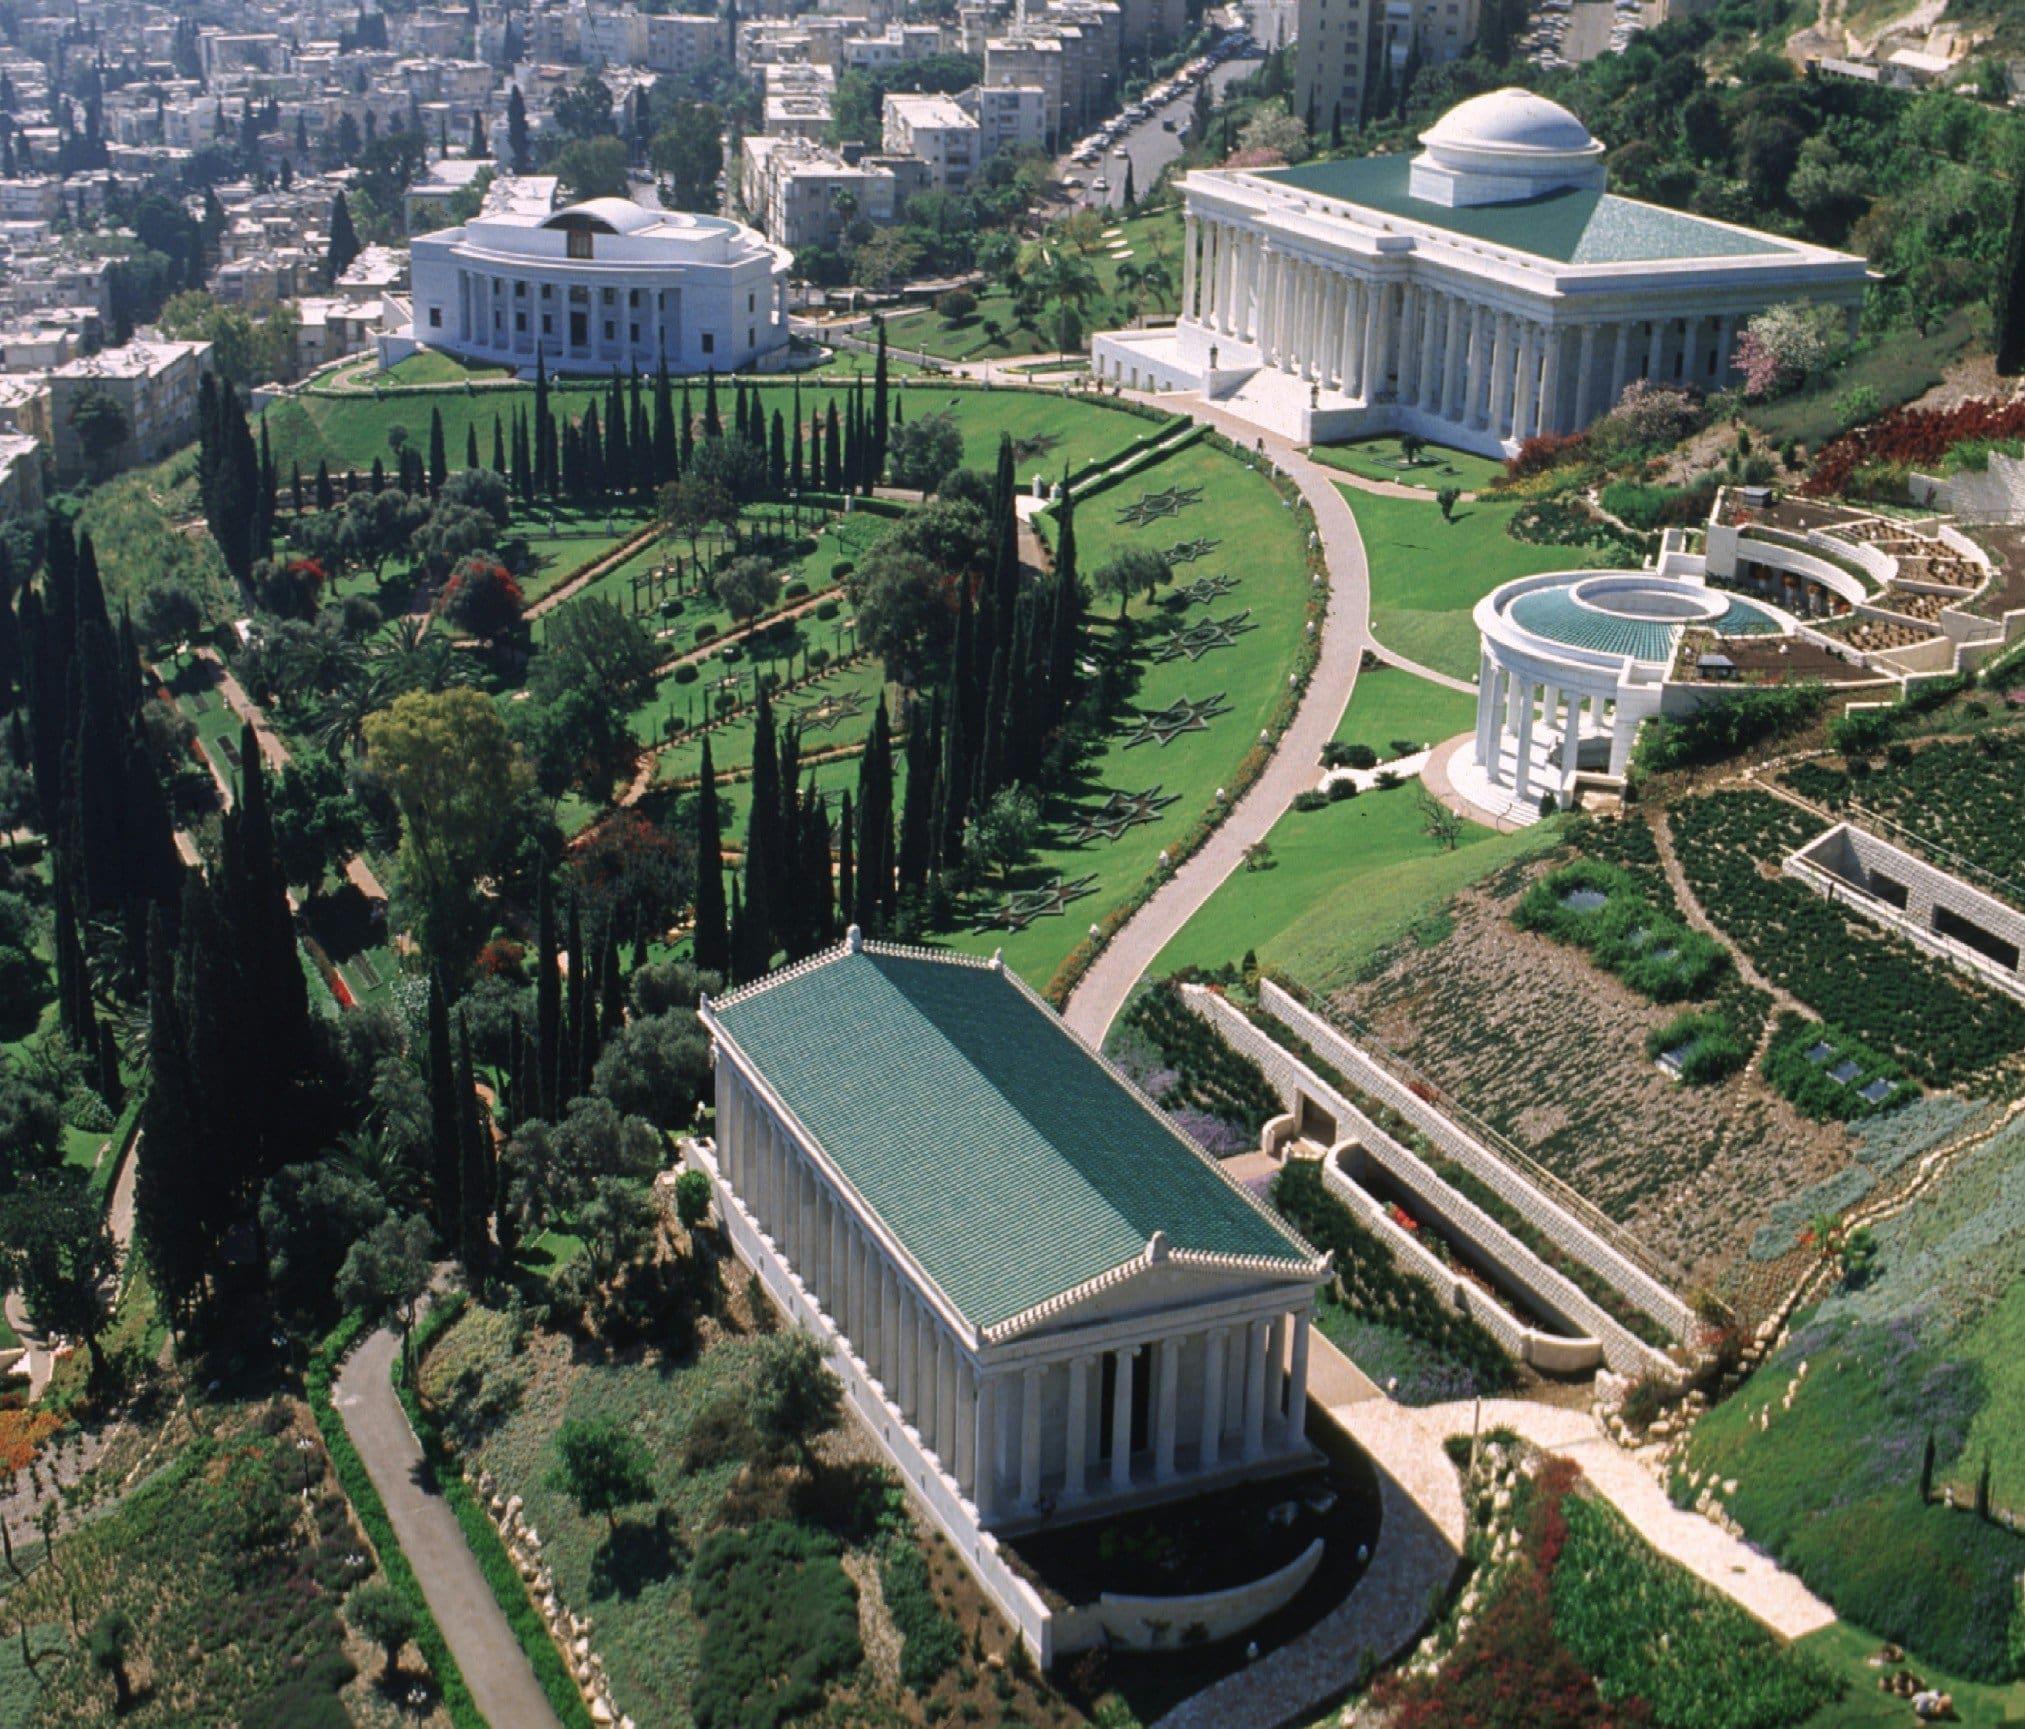 حسین امانت مرکز آموزش بینالمللی بهاییت – حیفا، اسرائیل 2